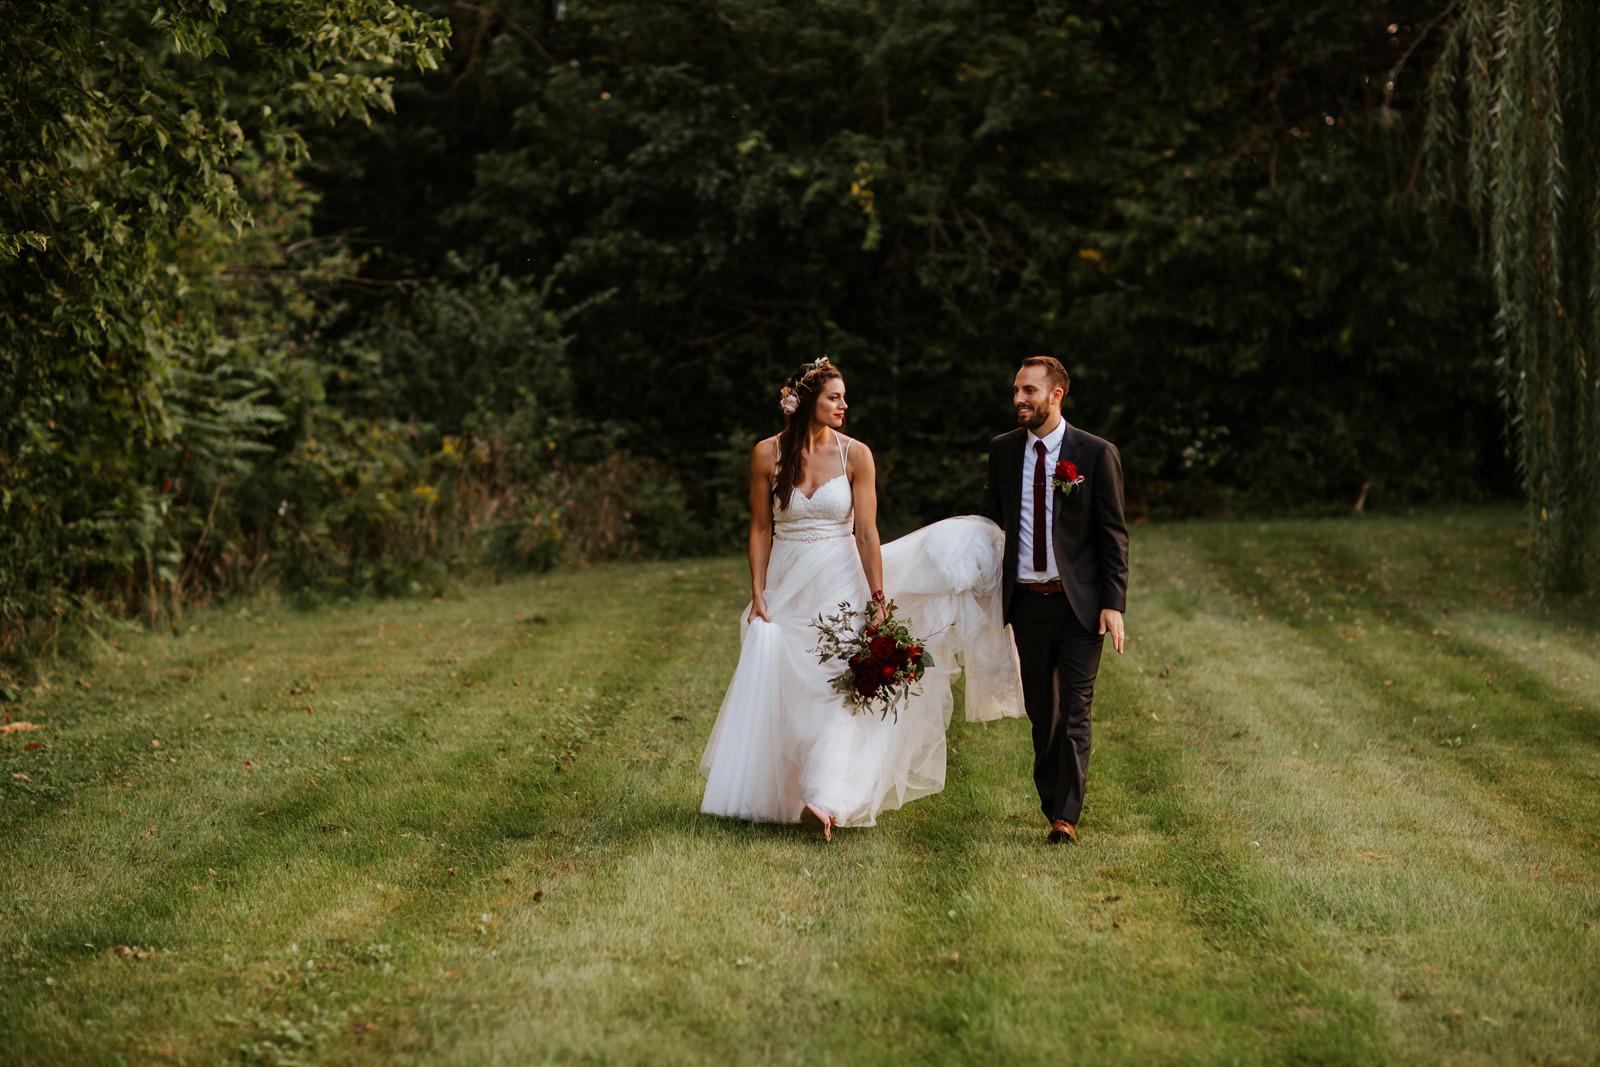 Boho Bride Outdoor Wedding Photography